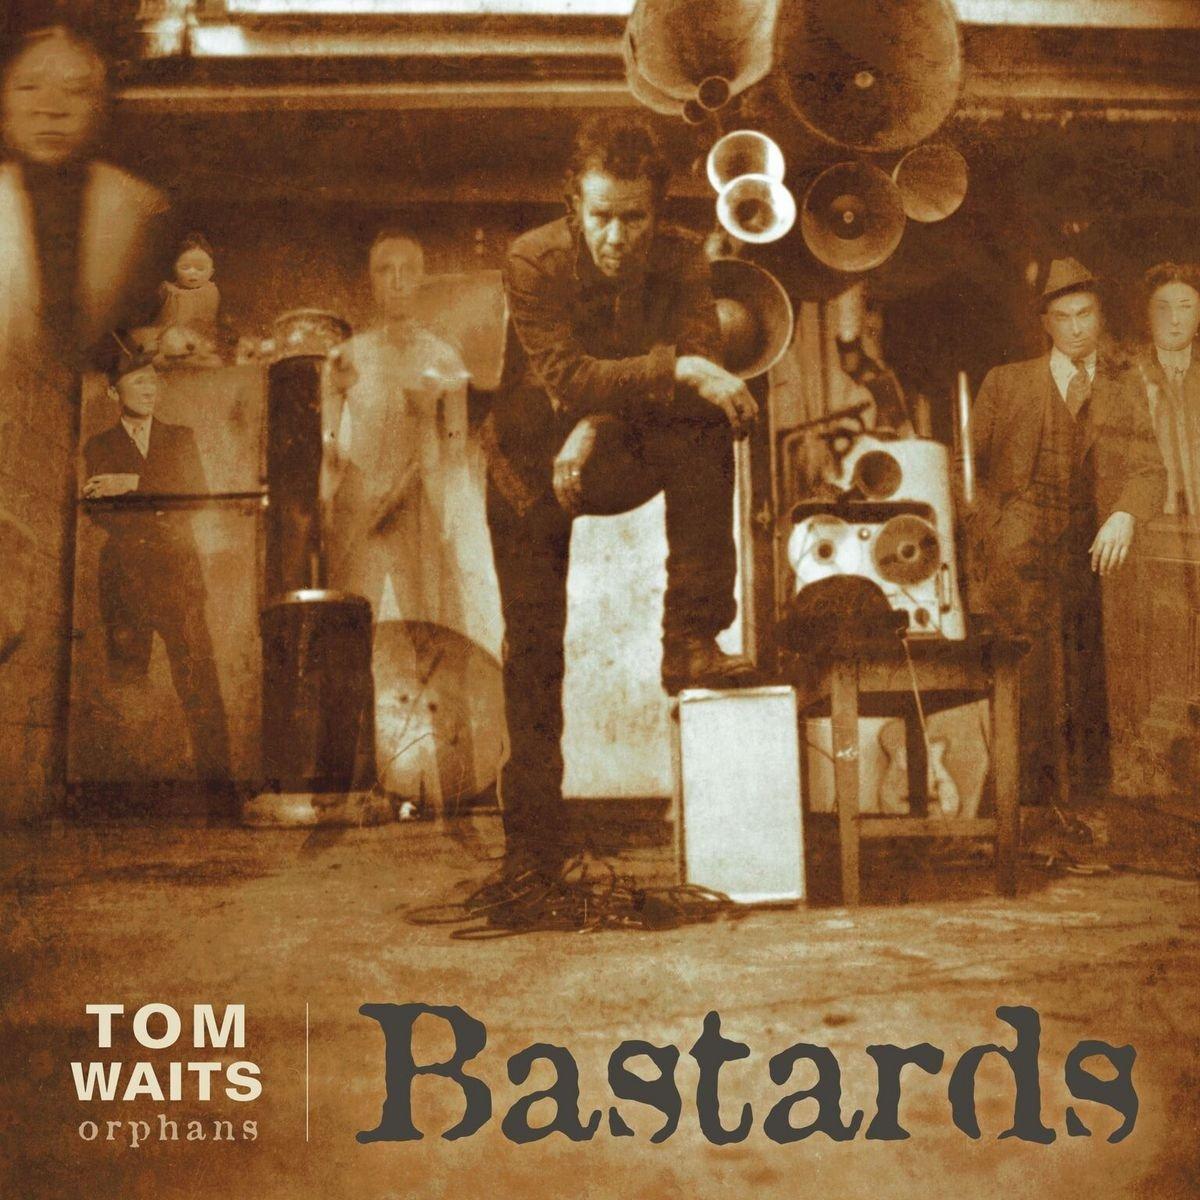 Tom Waits - Bastards (Remastered)